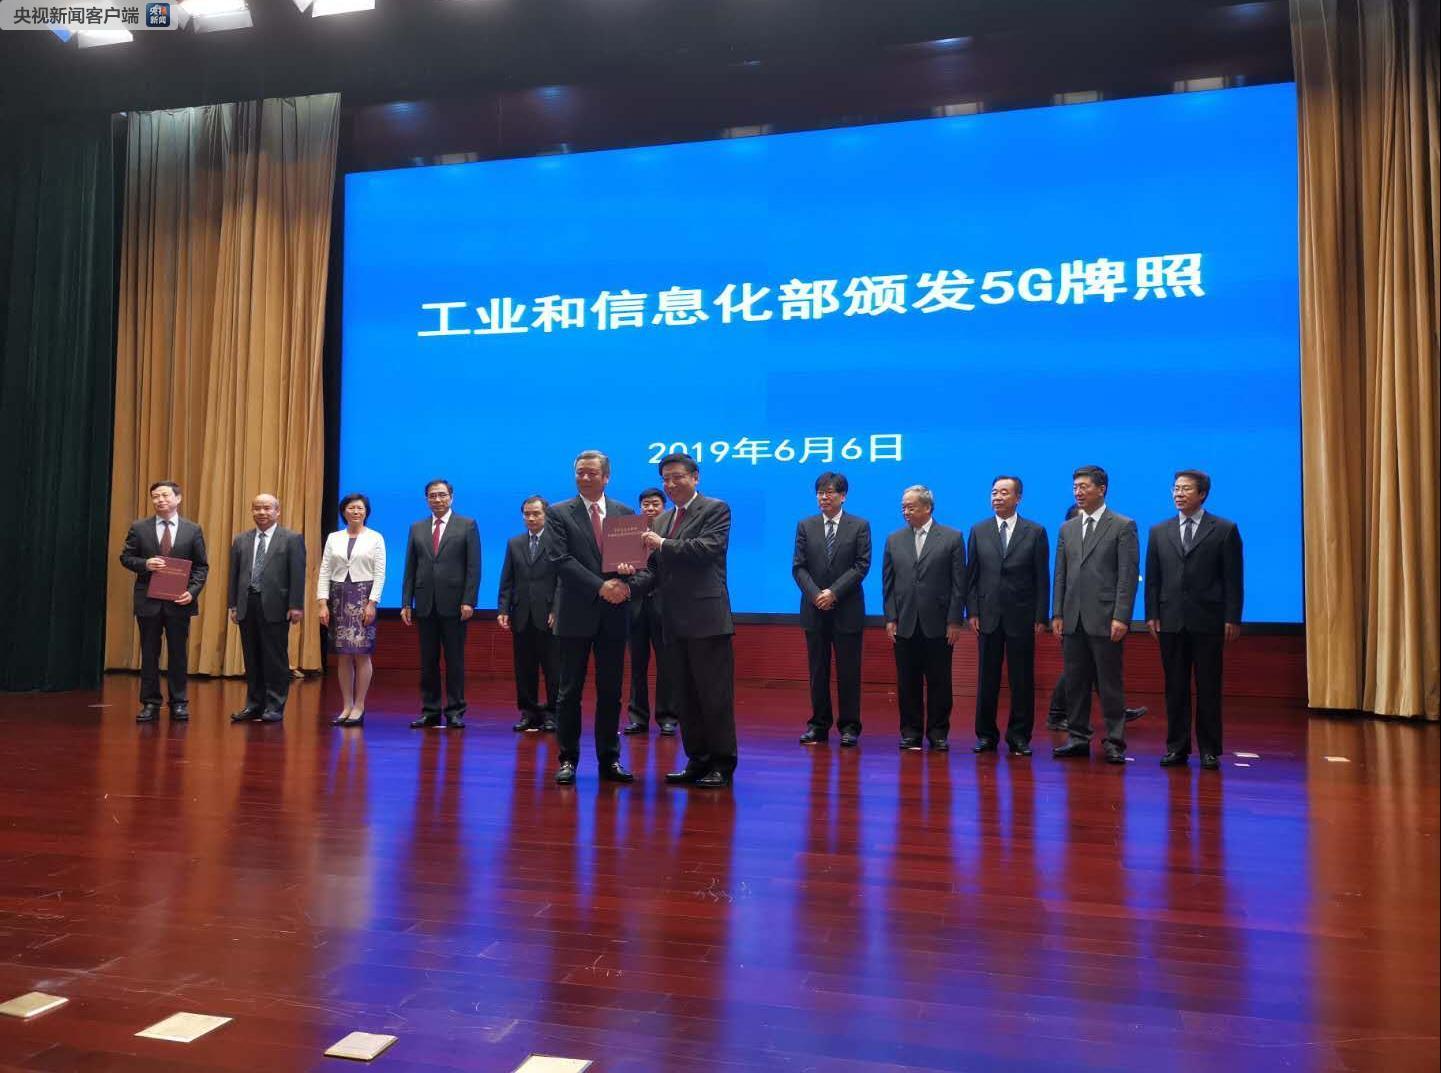 5G来了!中国正式下发4张5G商用牌照